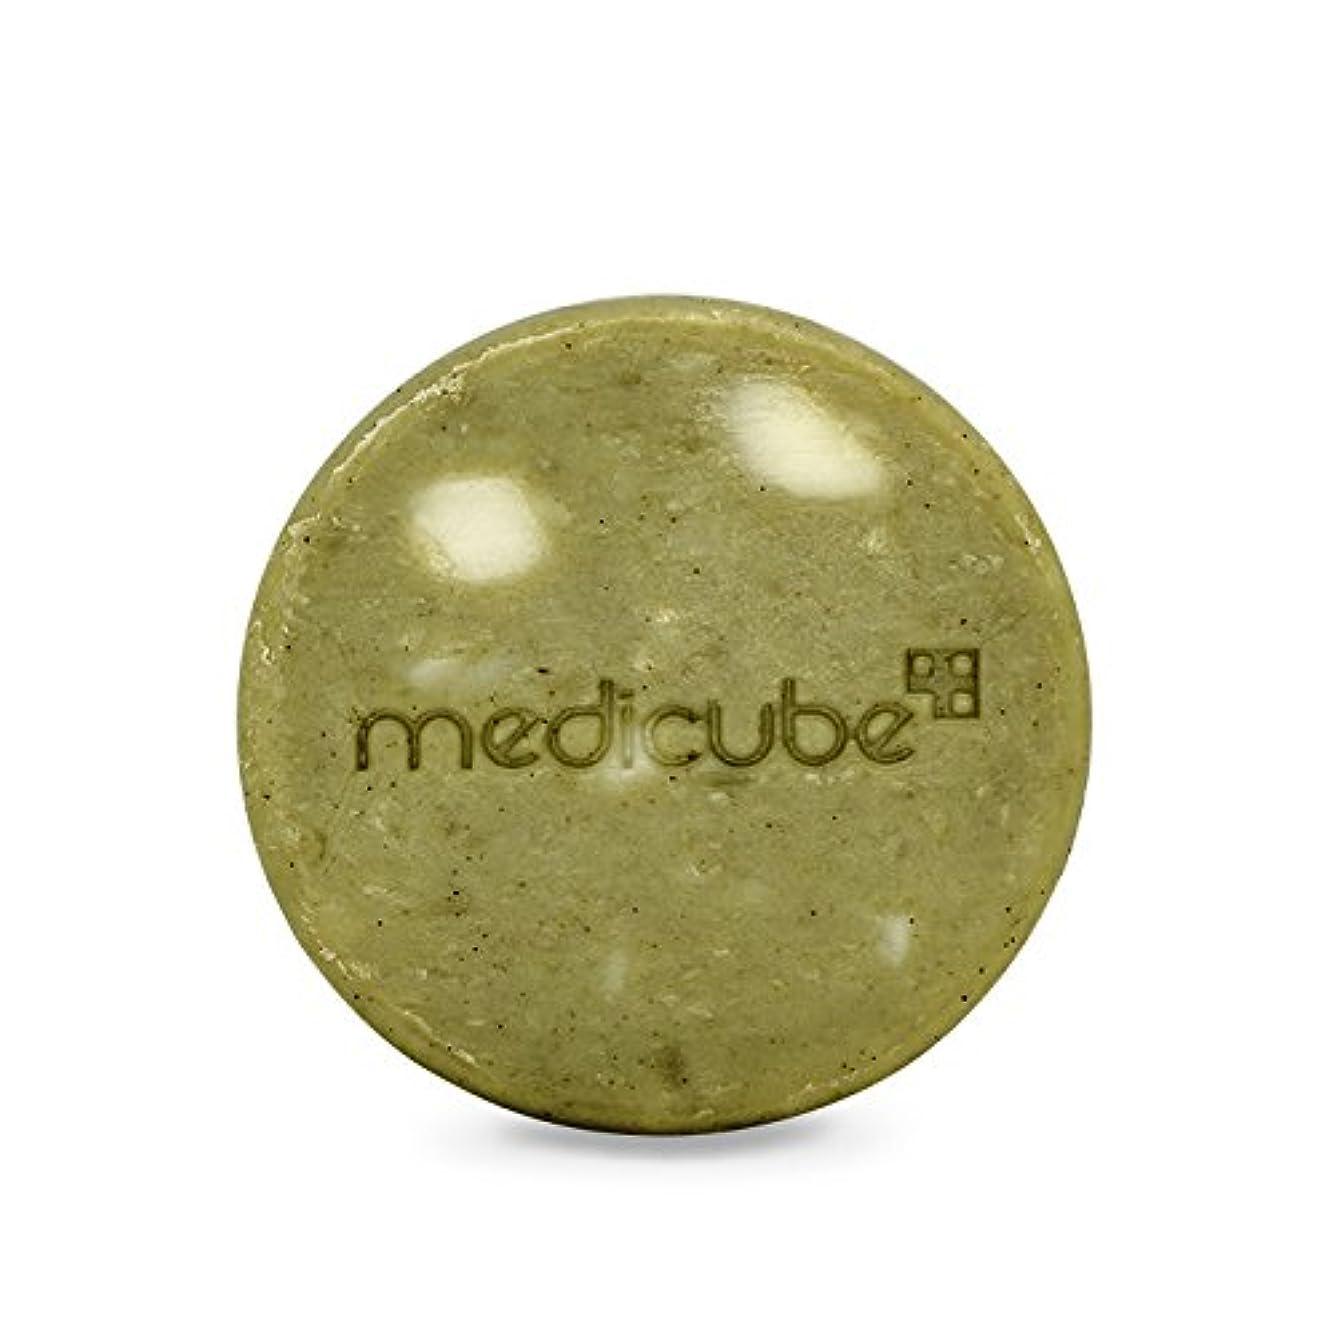 好むいちゃつく日帰り旅行に[Medicube]Red Body Bar / メディキューブレッドボディバー / 正品?海外直送商品 [並行輸入品]